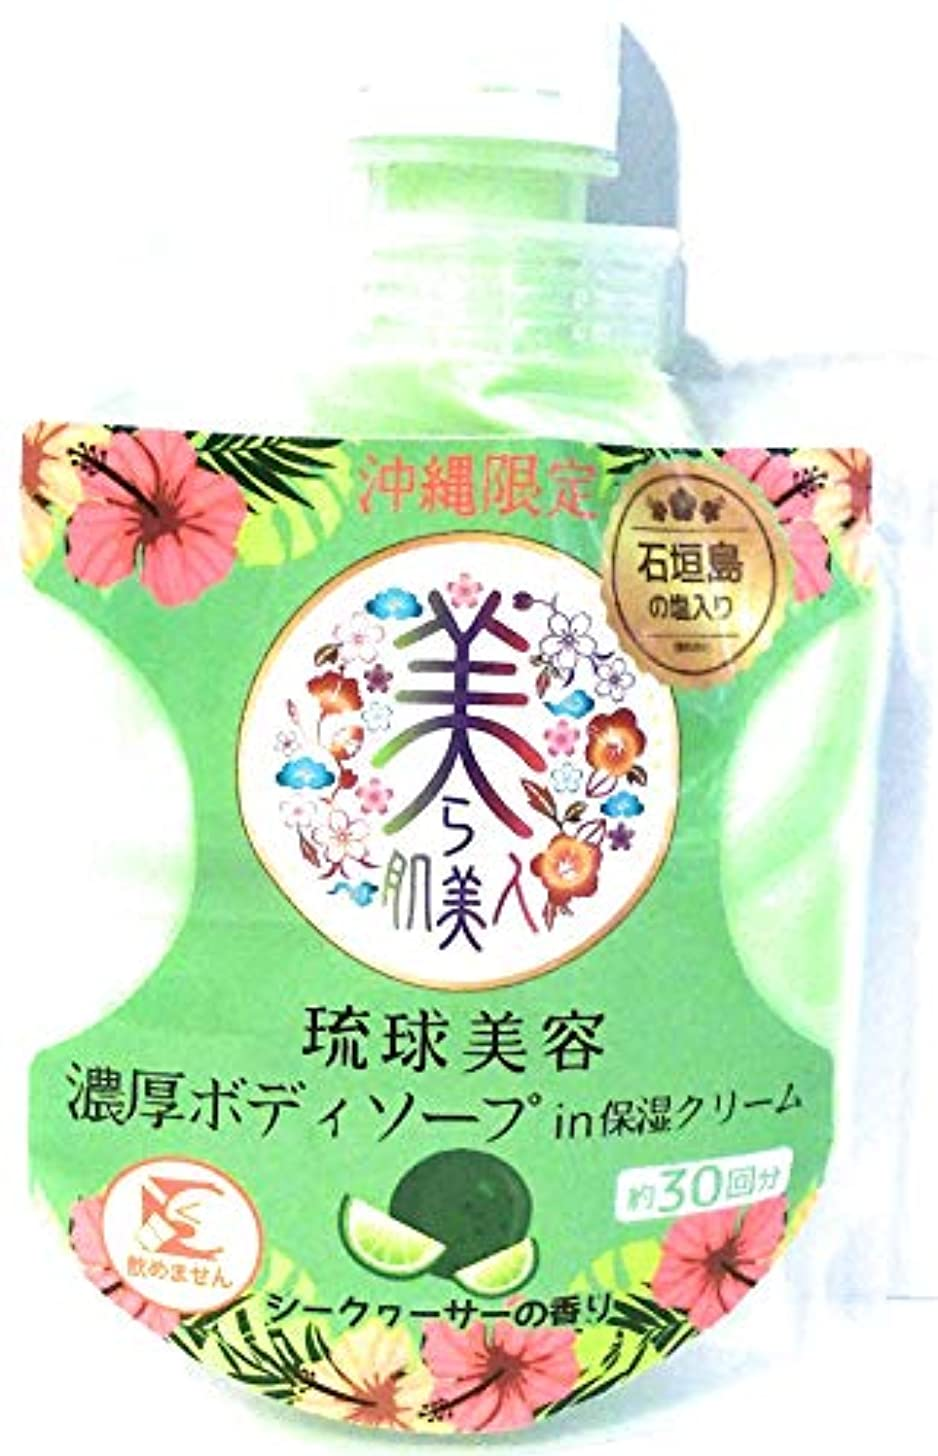 こっそり商標心配沖縄限定 美ら肌美人 琉球美容濃厚ボディソープin保湿クリーム シークヮーサーの香り